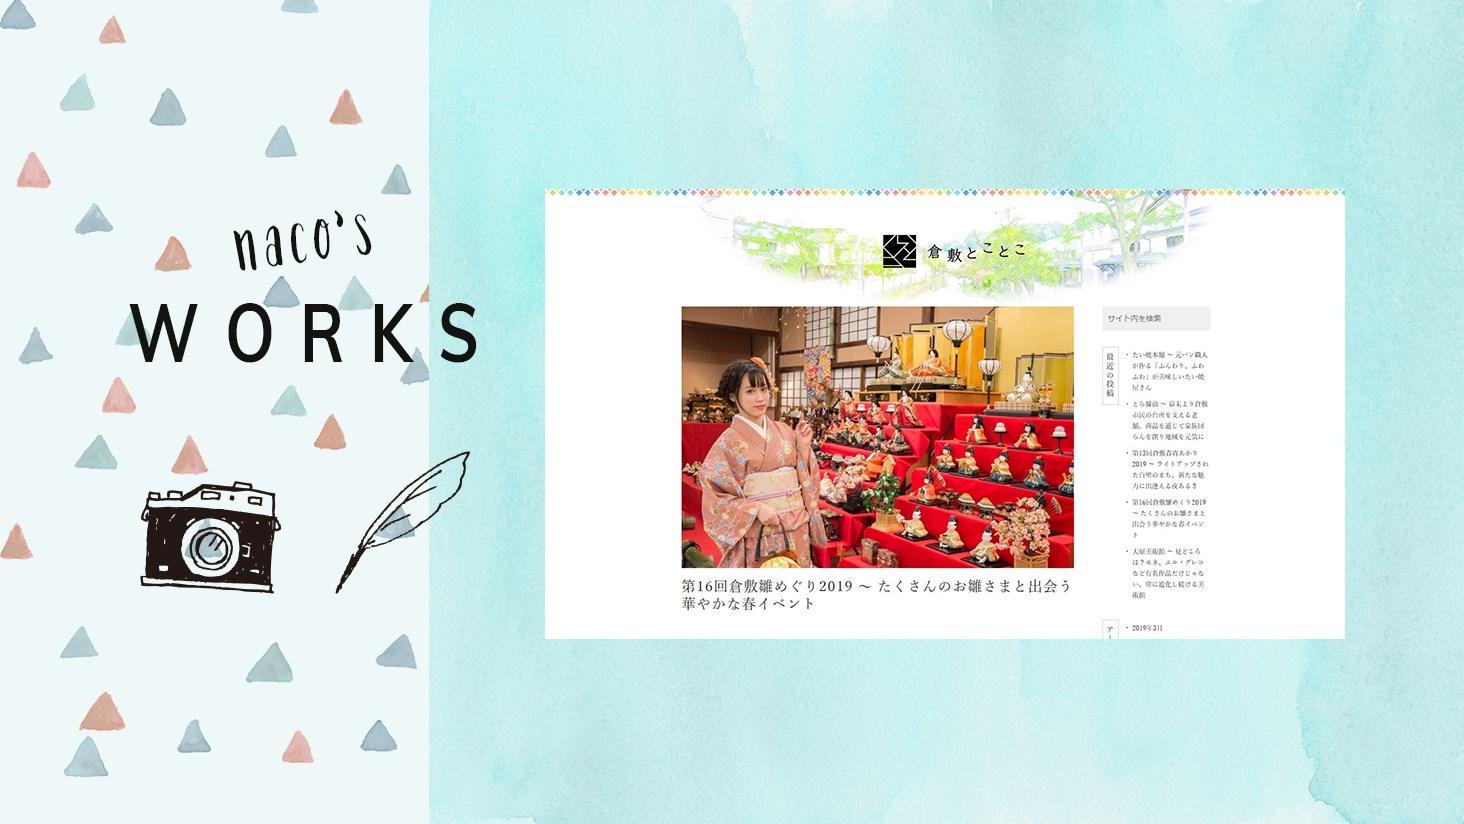 work_倉敷雛めぐり